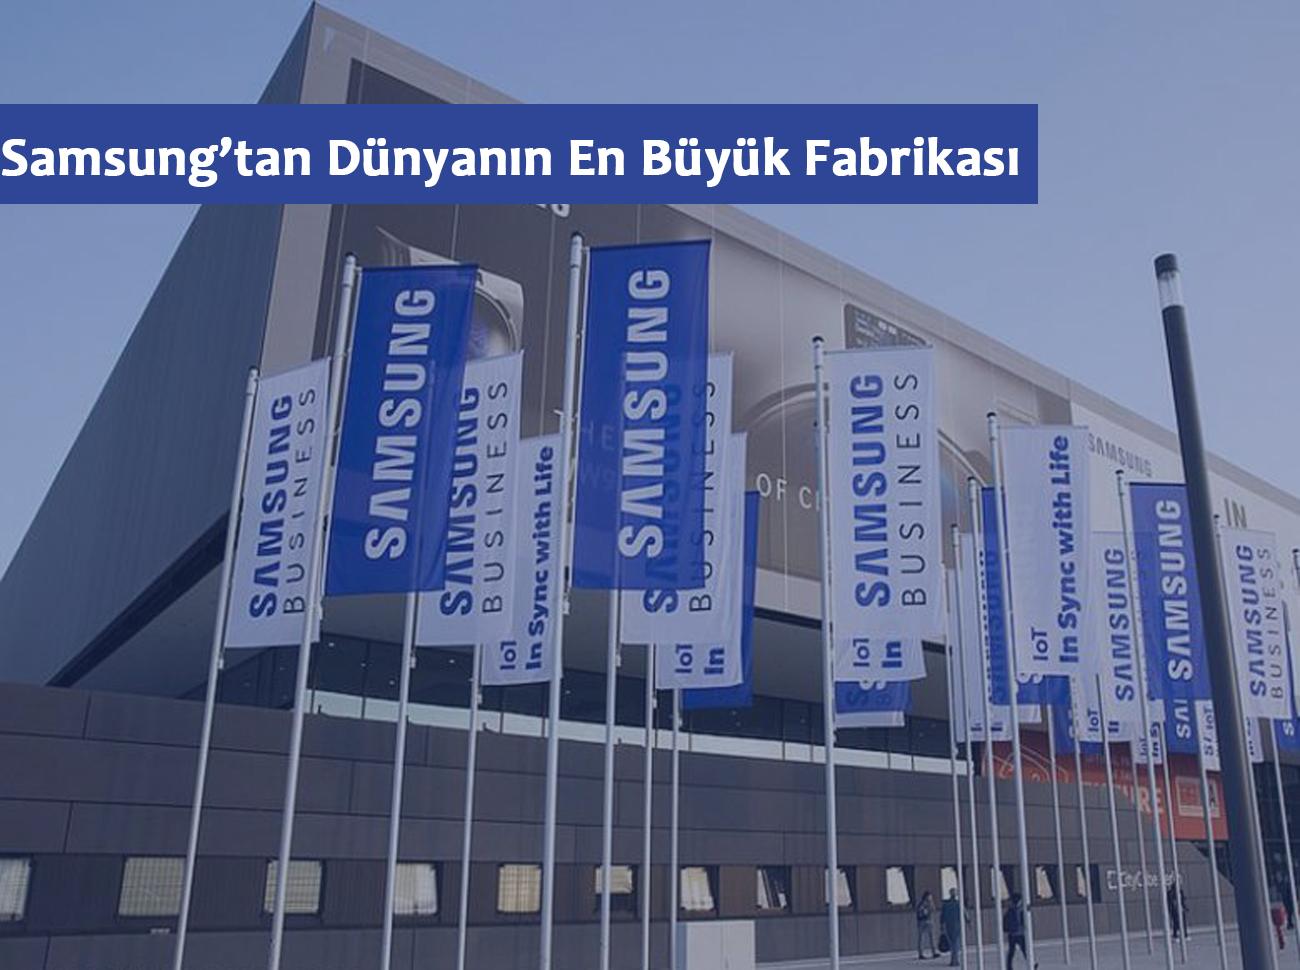 Samsung Dünyanın En Büyük Cep Telefonu Fabrikasını Açtı